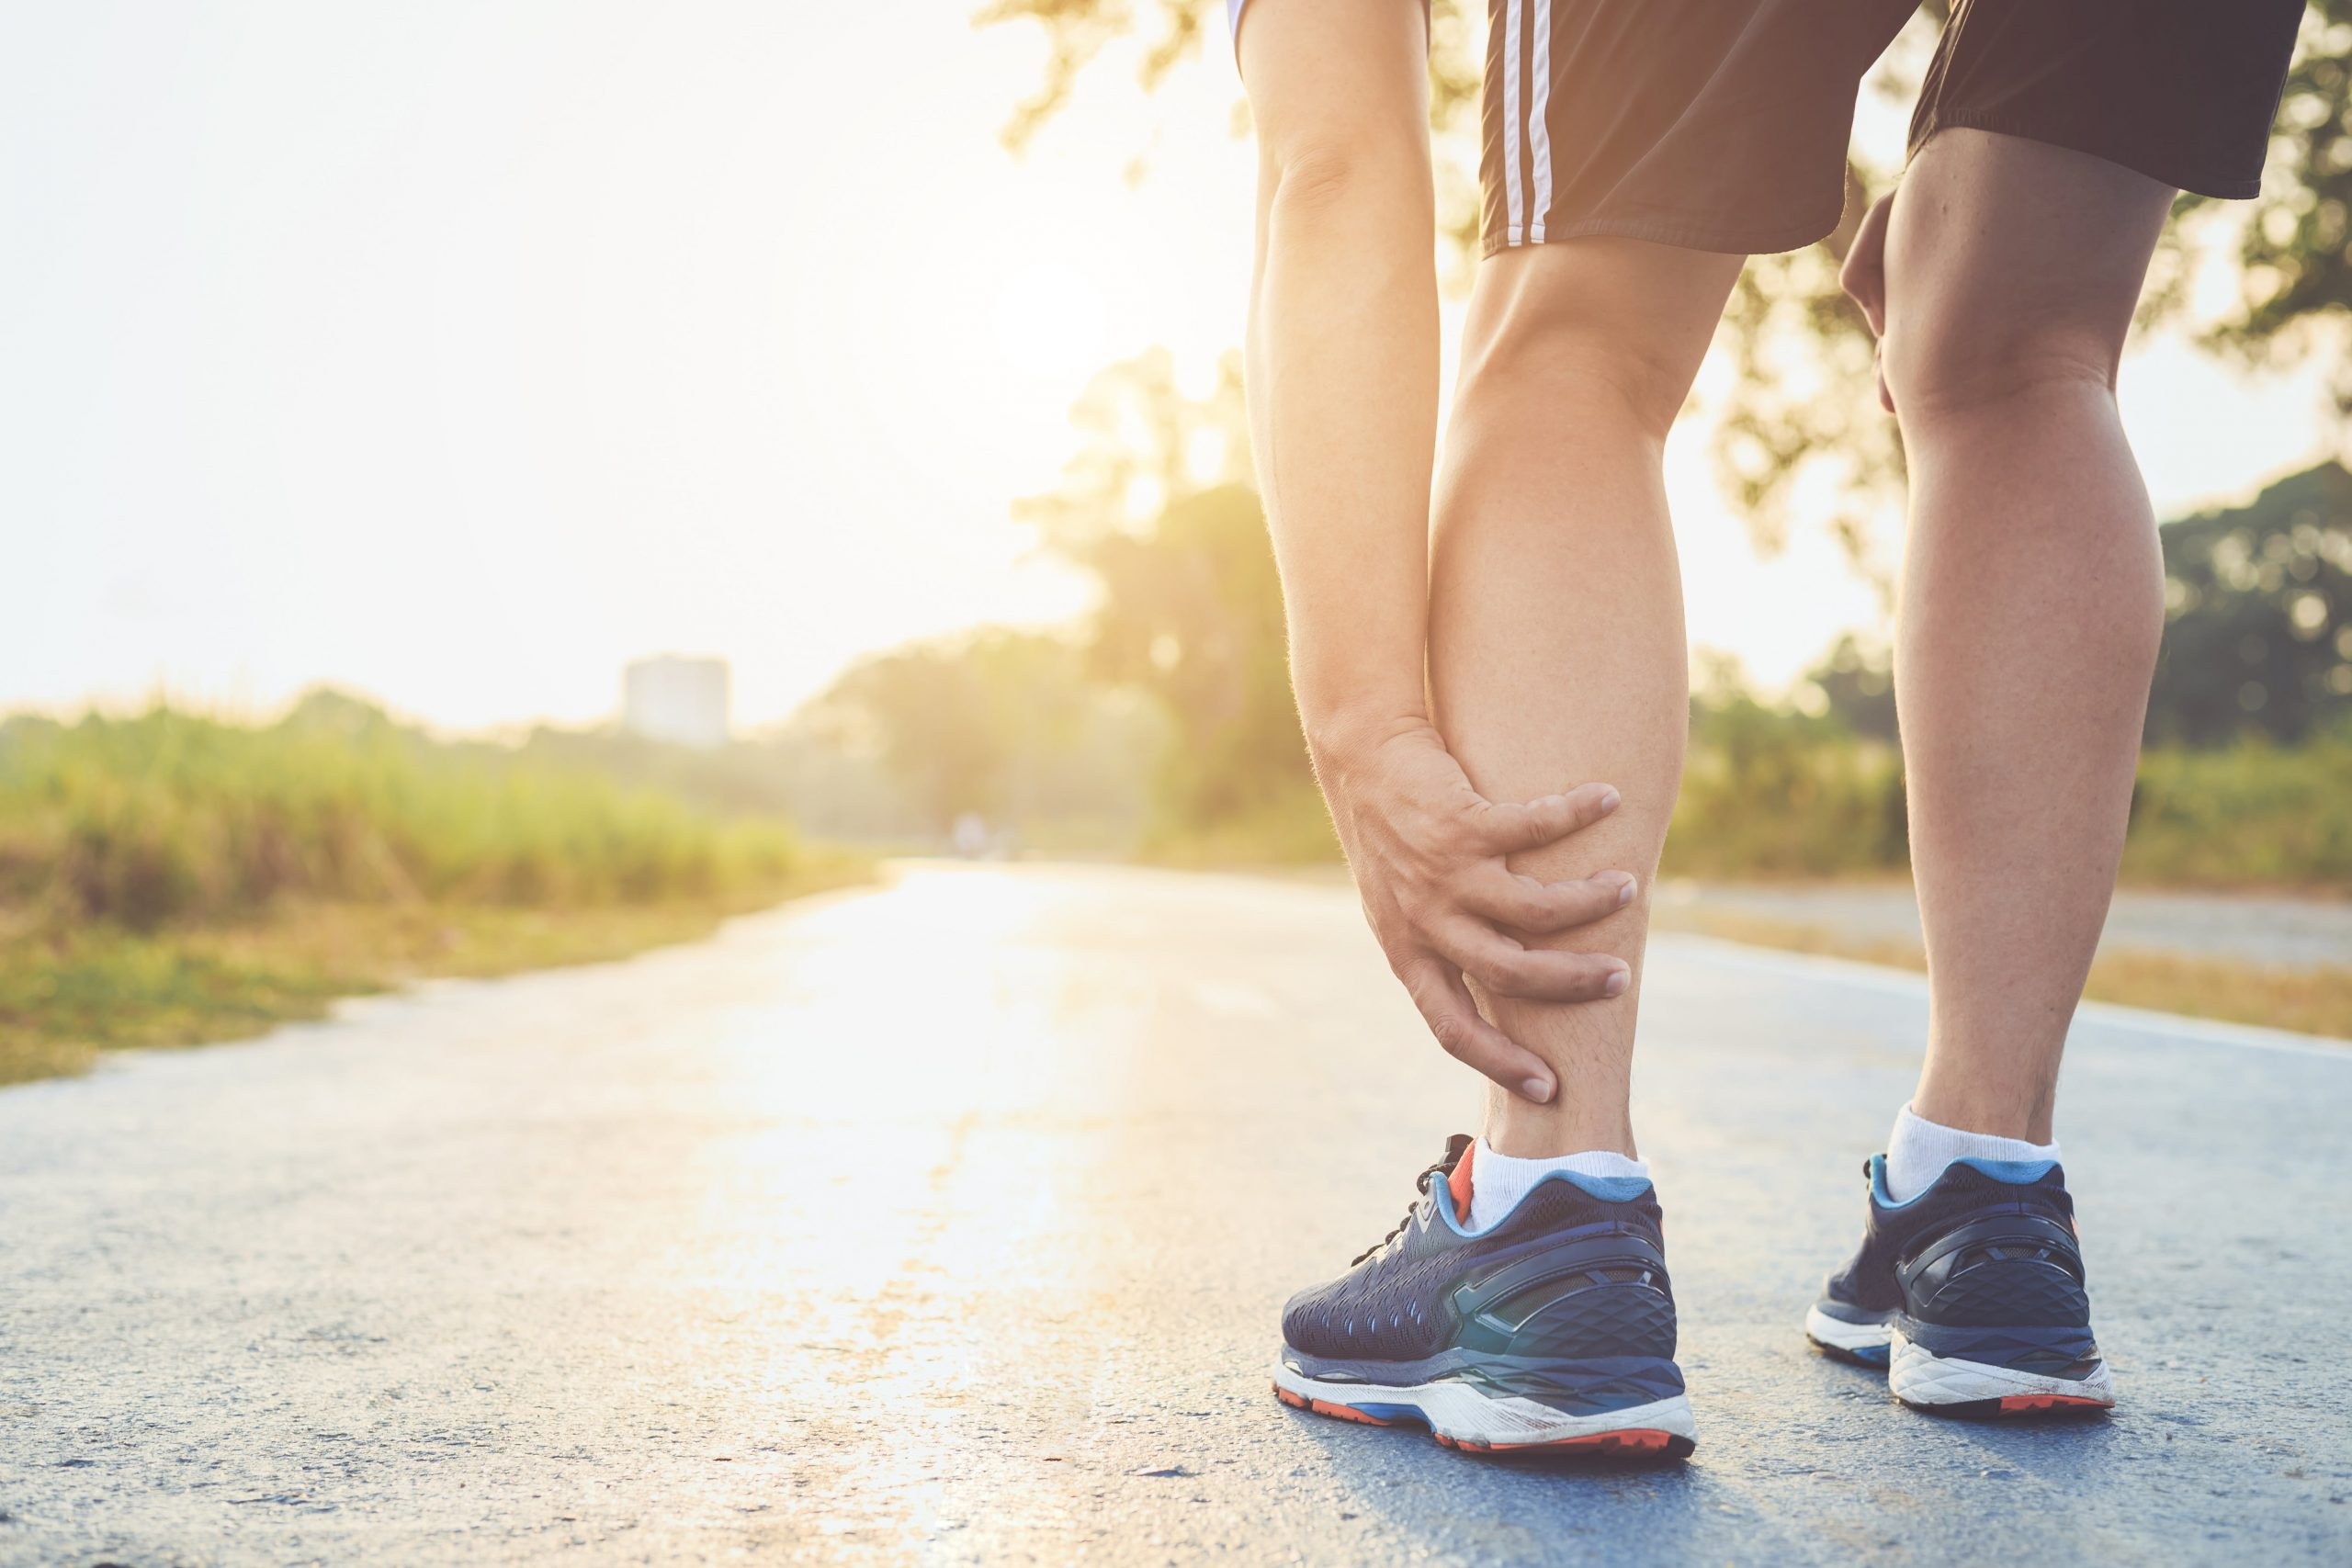 Entenda a diferença entre canelite e as lesões que causam dor na perna